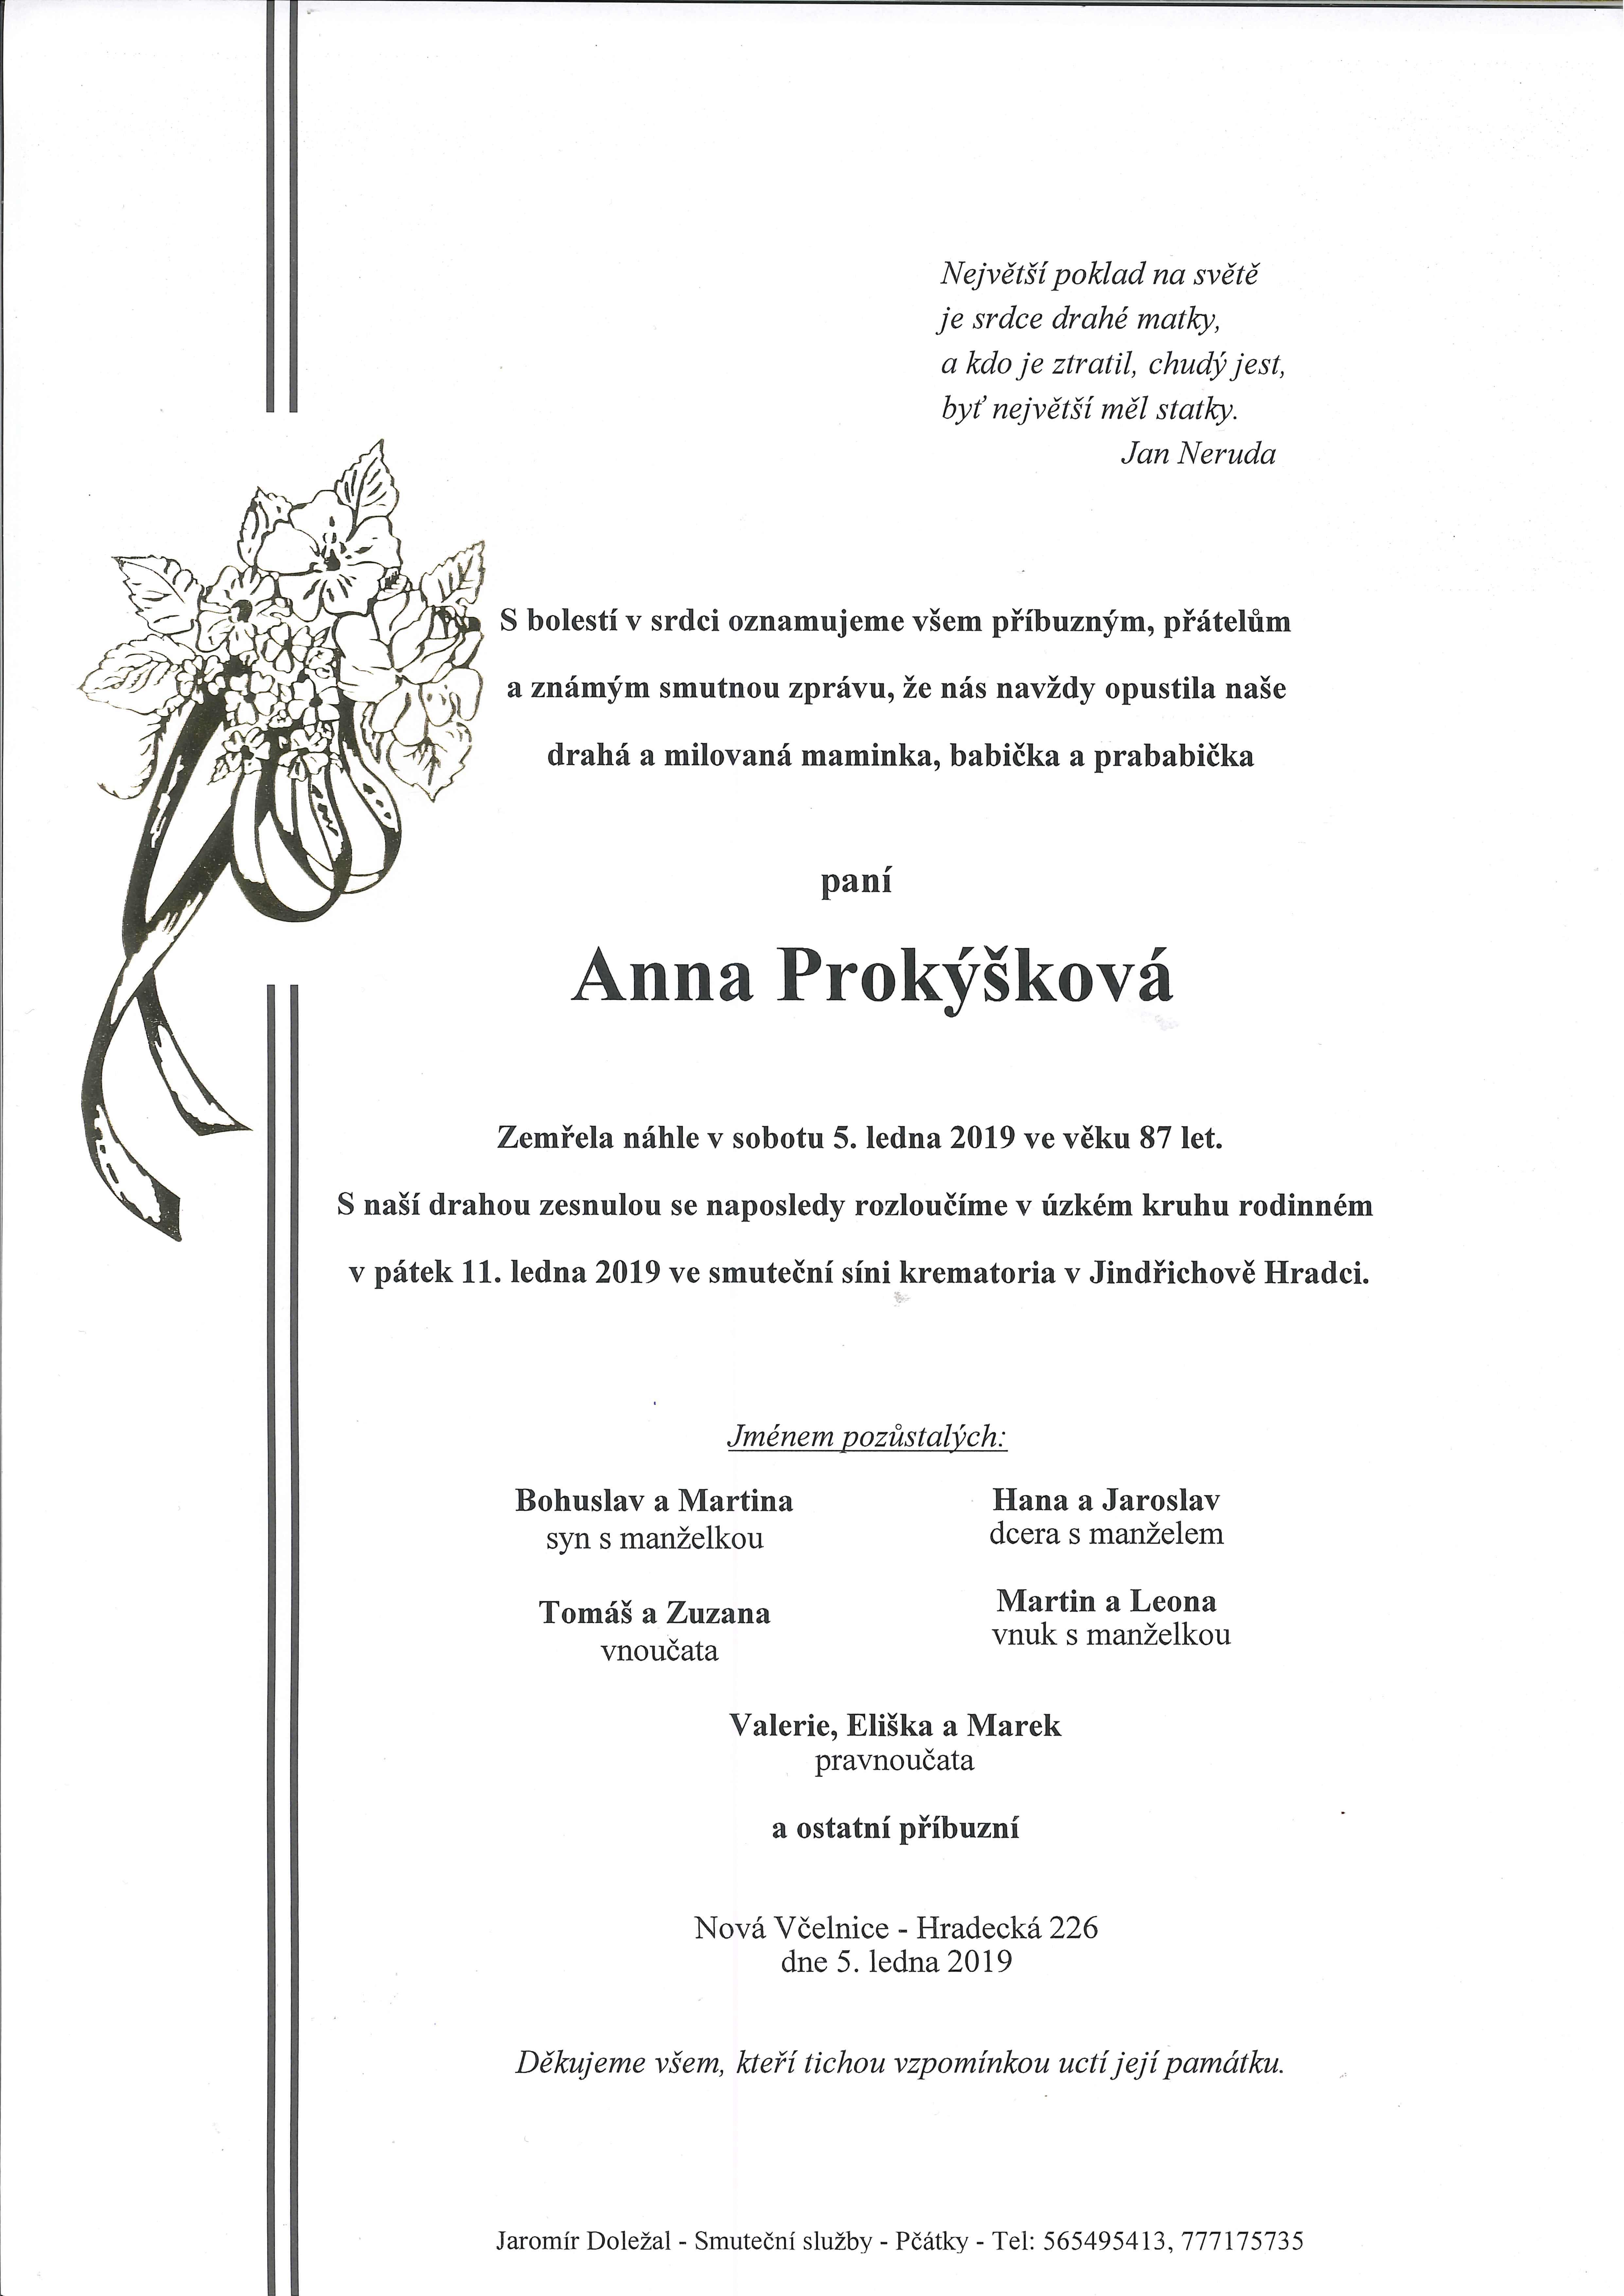 Anna Prokýšková